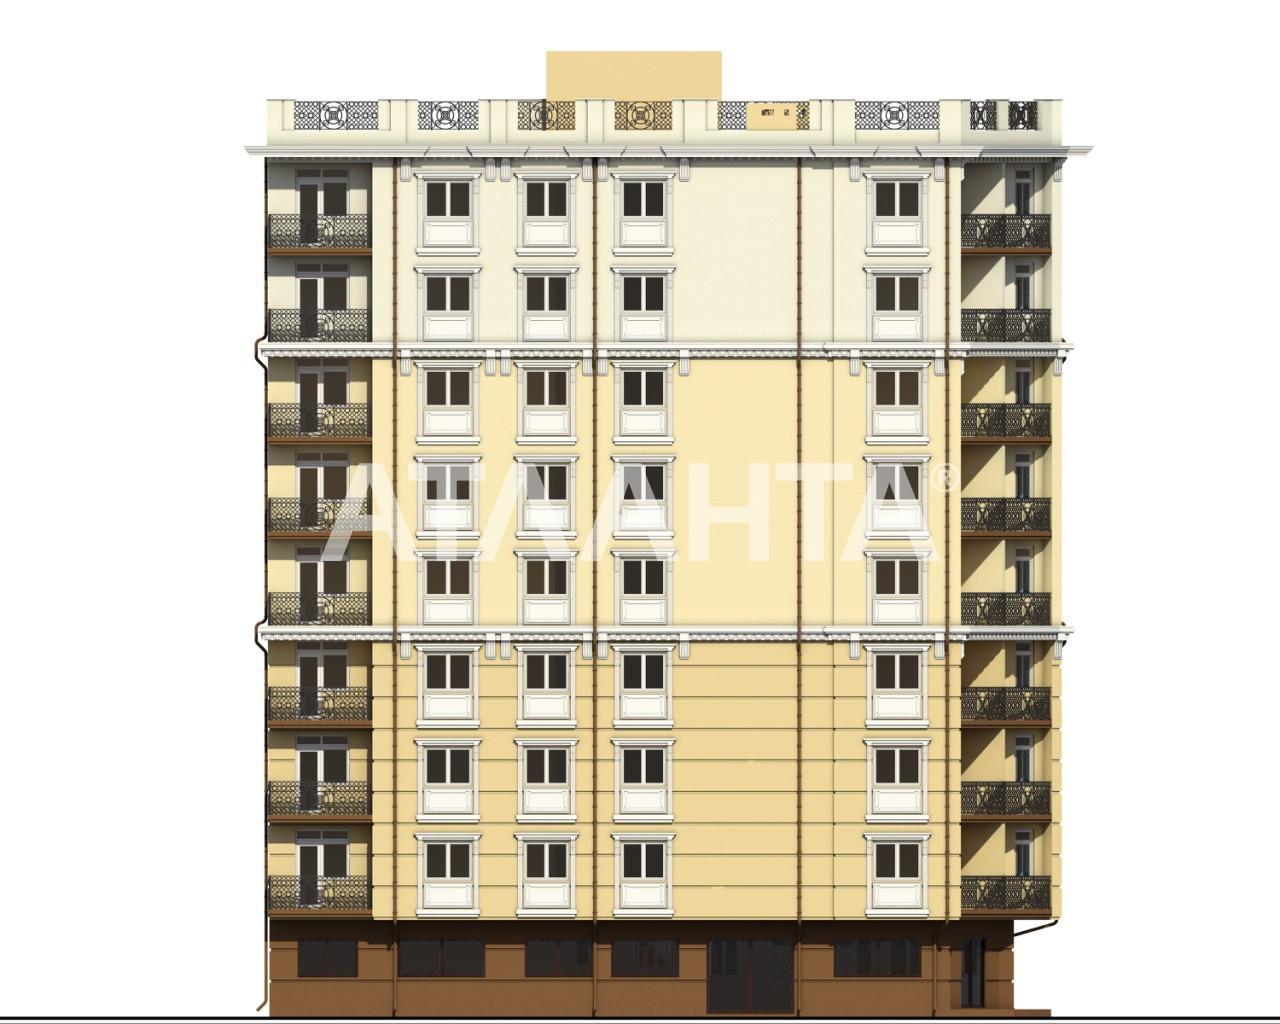 Продается 1-комнатная Квартира на ул. Новосельского (Островидова) — 46 520 у.е. (фото №2)